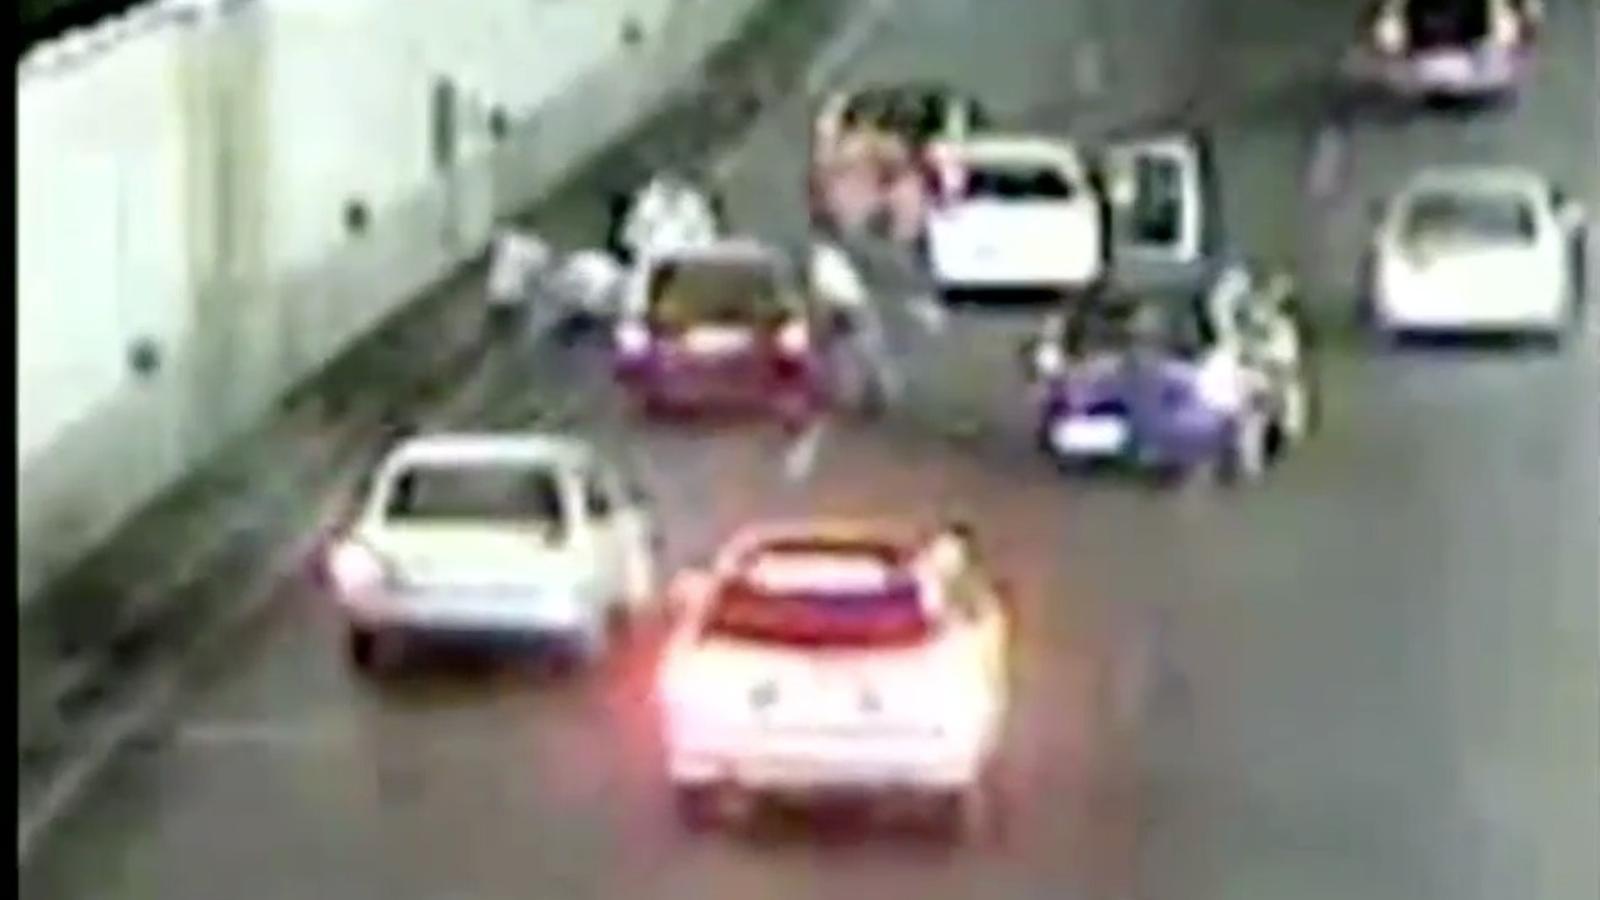 Cinc detinguts per apallissar els ocupants d'un cotxe a la M-30, a Madrid, després d'una discussió